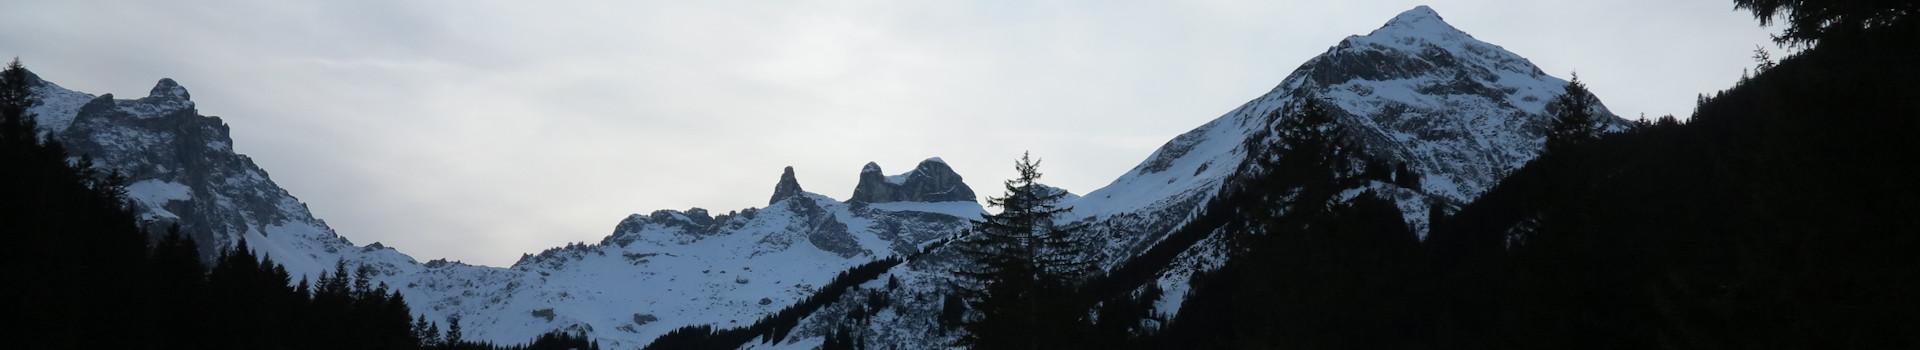 Winterwanderung zur Lindauer Hütte